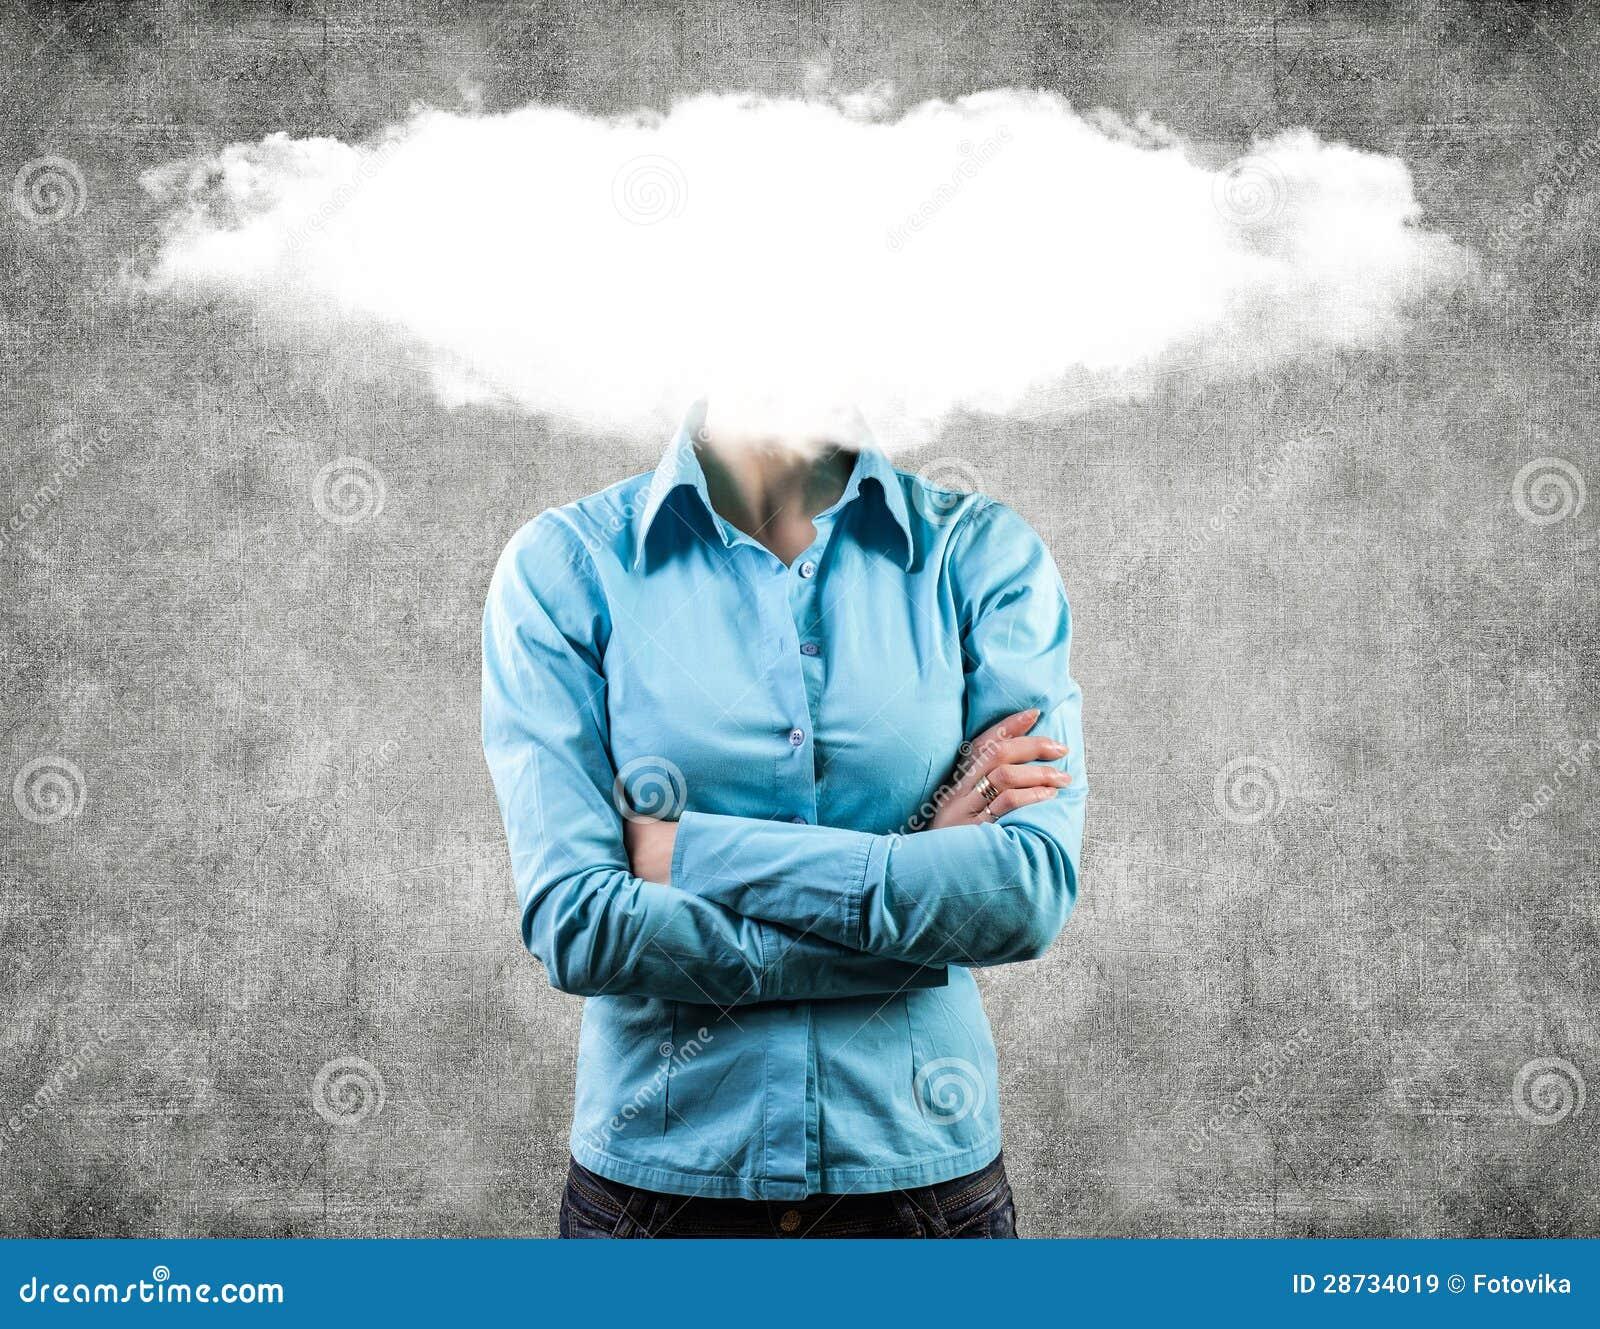 Wolke auf einem Kopf